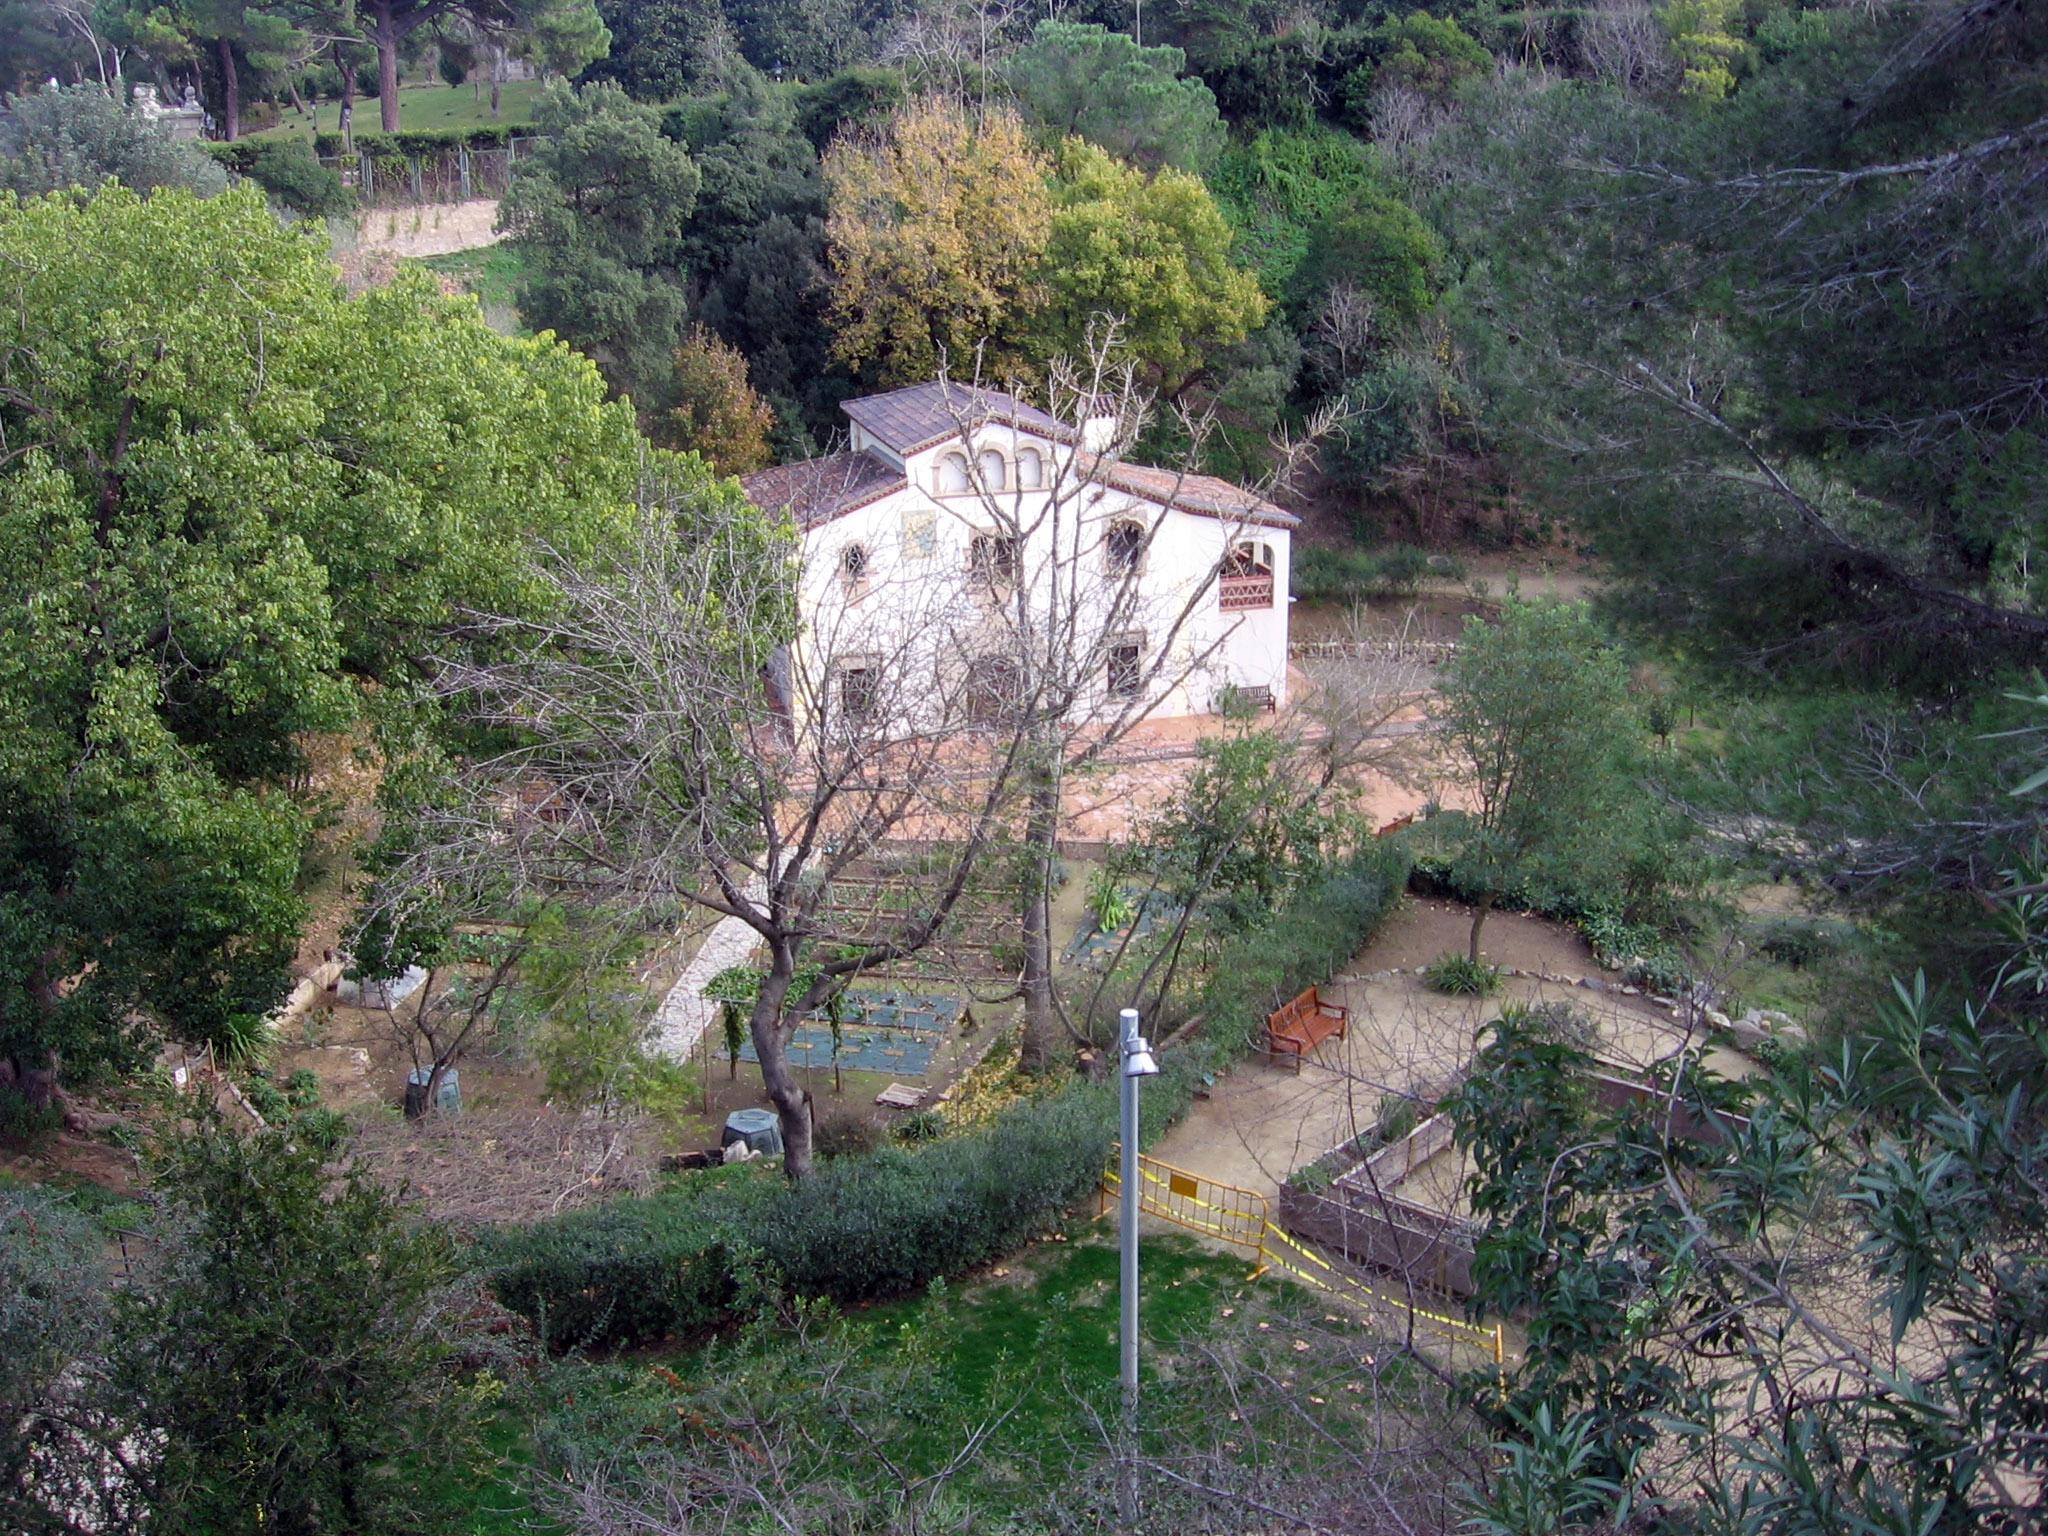 Jard n bot nico hist rico de barcelona wikiwand for Barcelona jardin